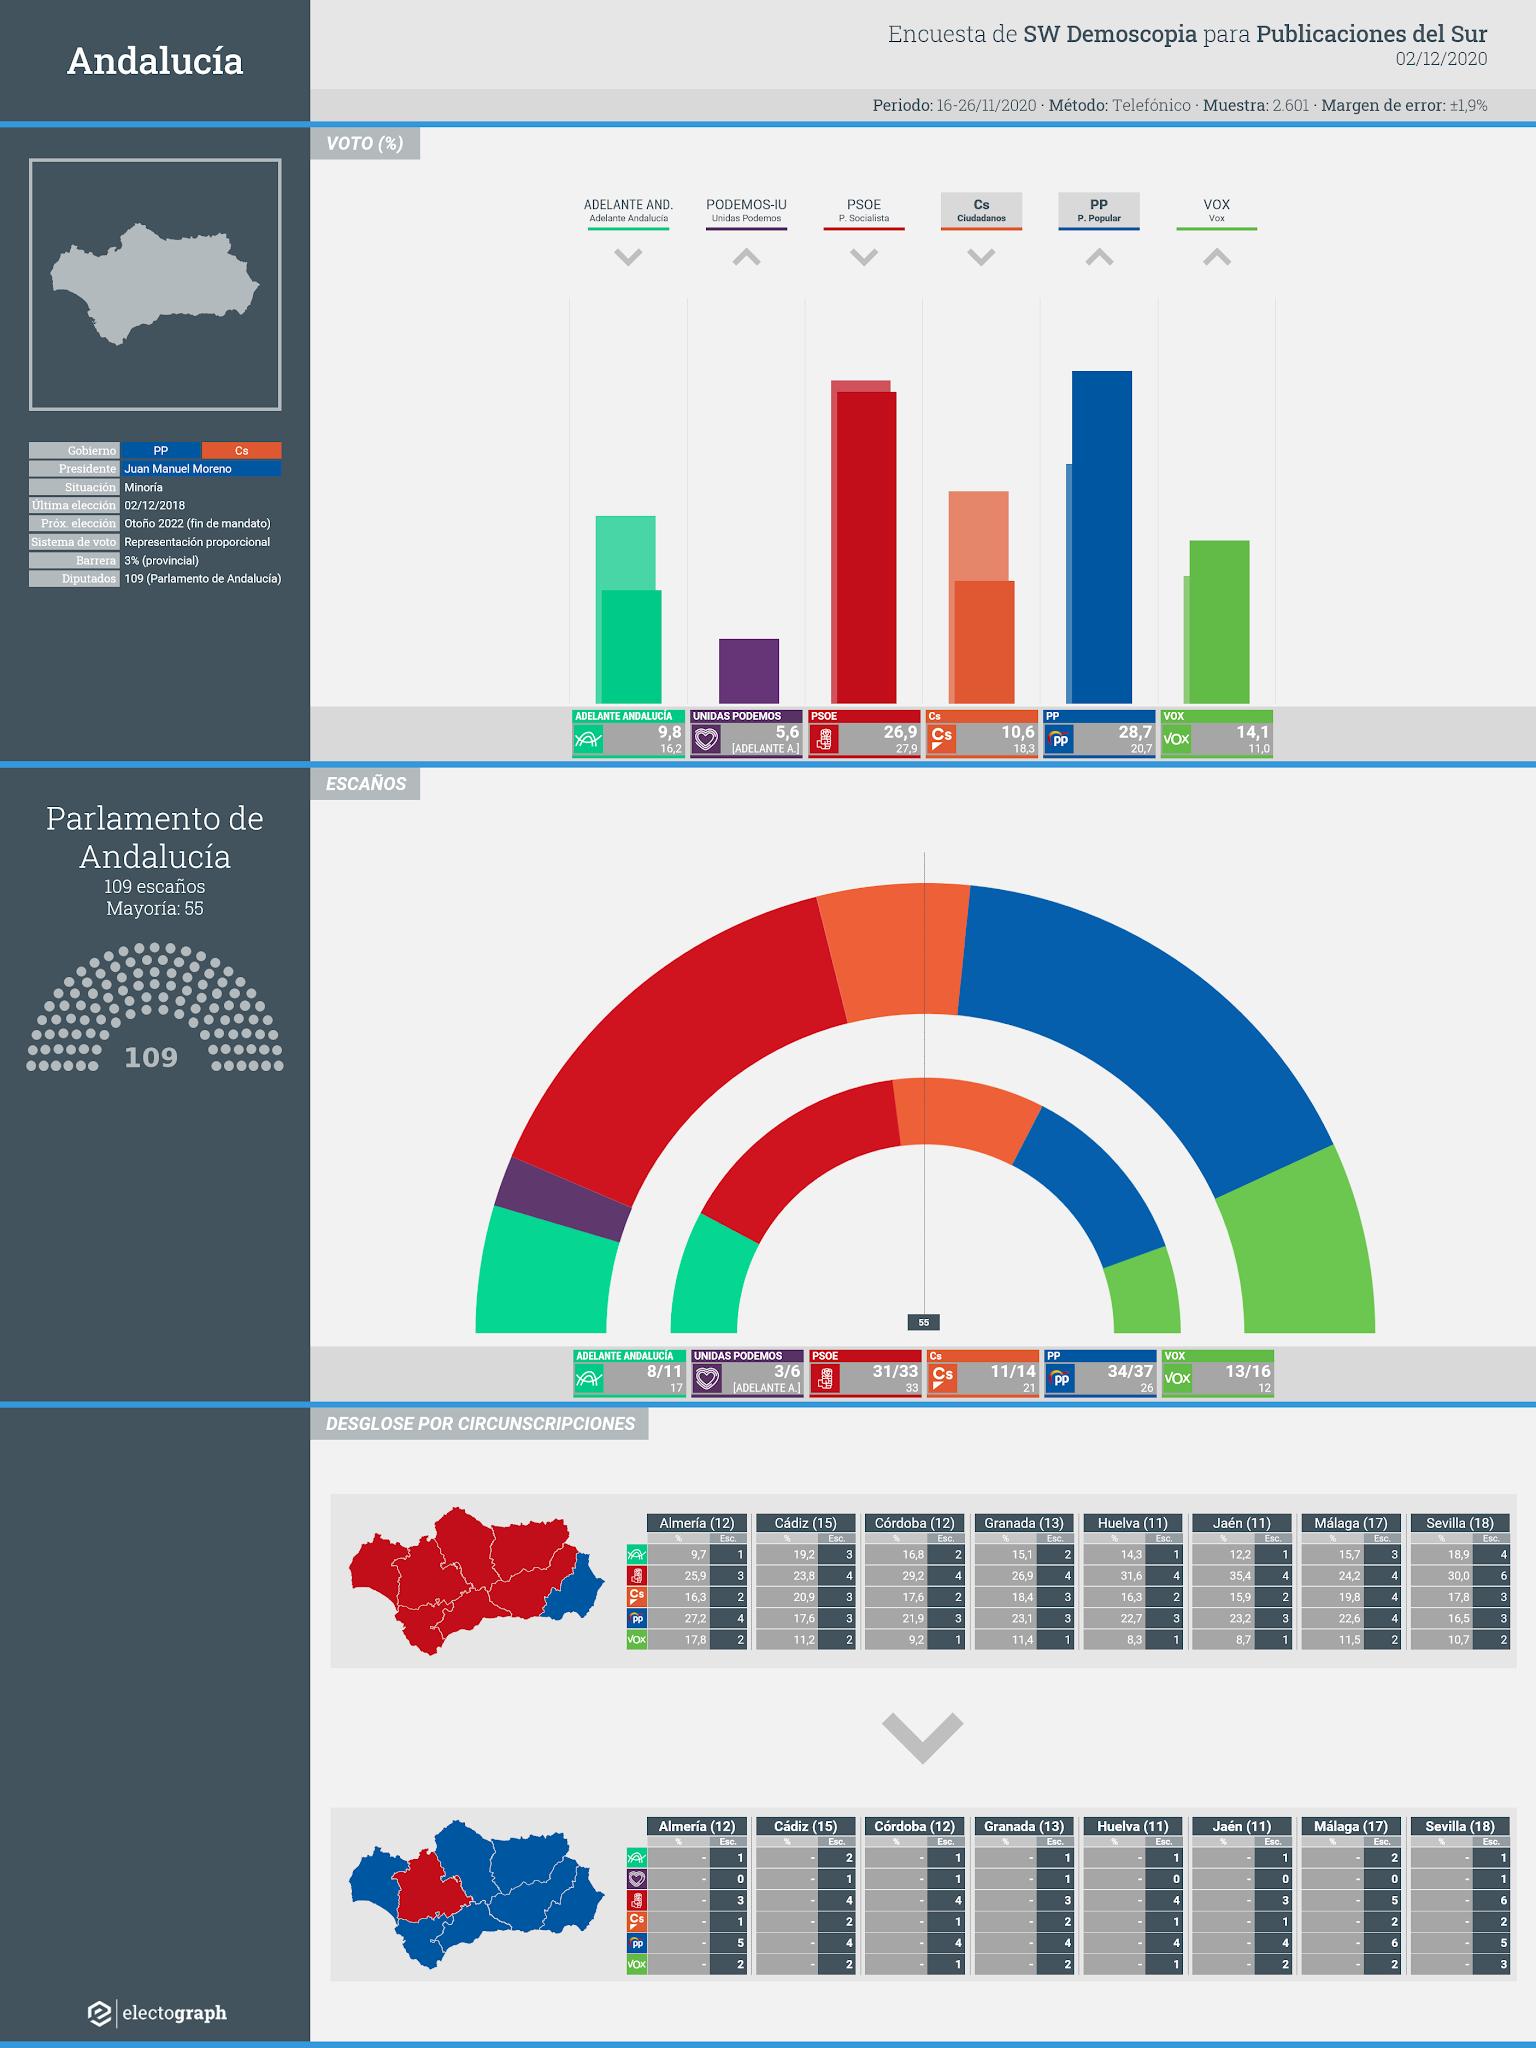 Gráfico de la encuesta para elecciones autonómicas en Andalucía realizada por SW Demoscopia para Publicaciones del Sur, 2 de diciembre de 2020